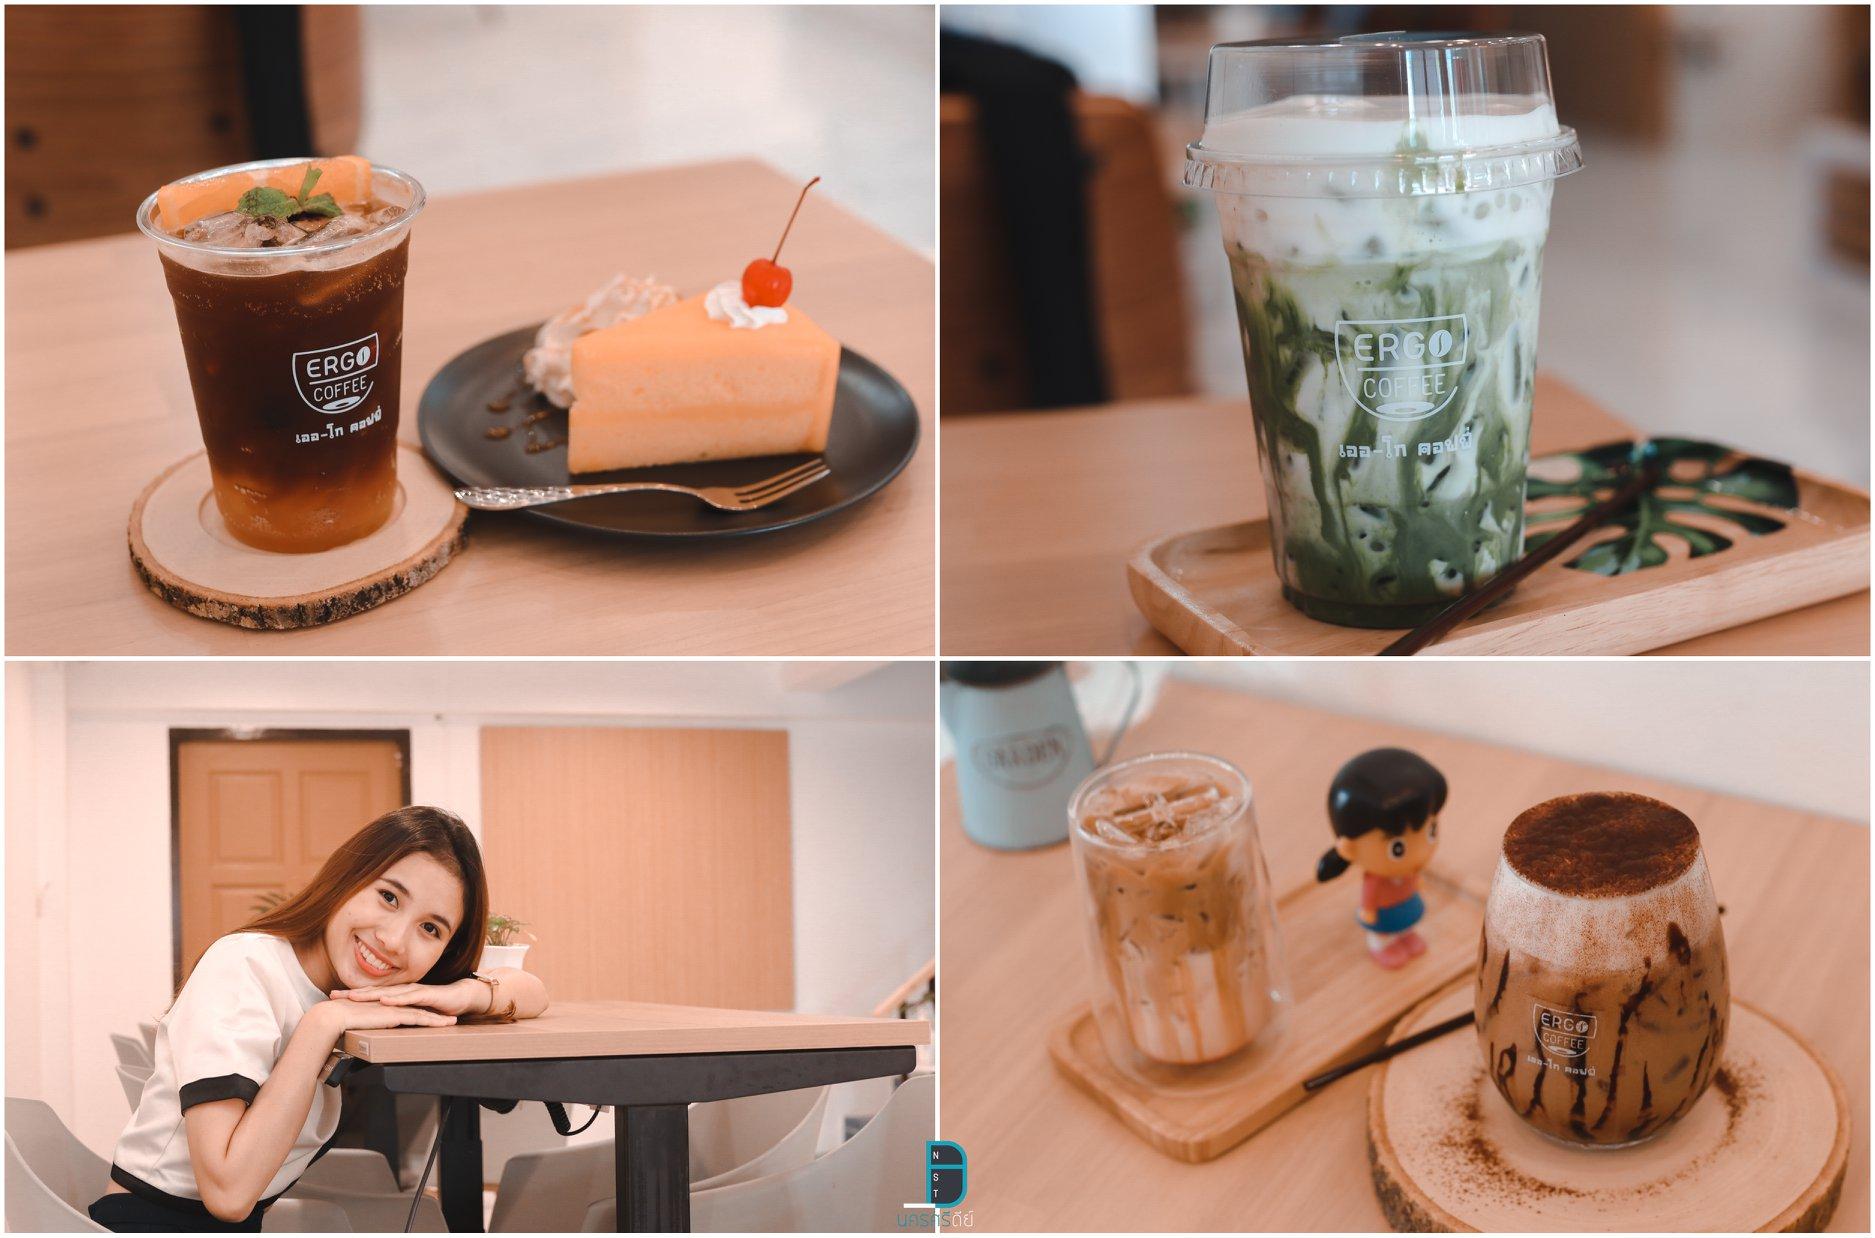 3.-Ergo-Coffee-หน้าพระธาตุ-เครื่องดื่ม-10/10-ของจริง คลิกที่นี่ คาเฟ่,Cafe,นครศรีธรรมราช,2020,2563,ของกิน,จุดเช็คอิน,จุดถ่ายรูป